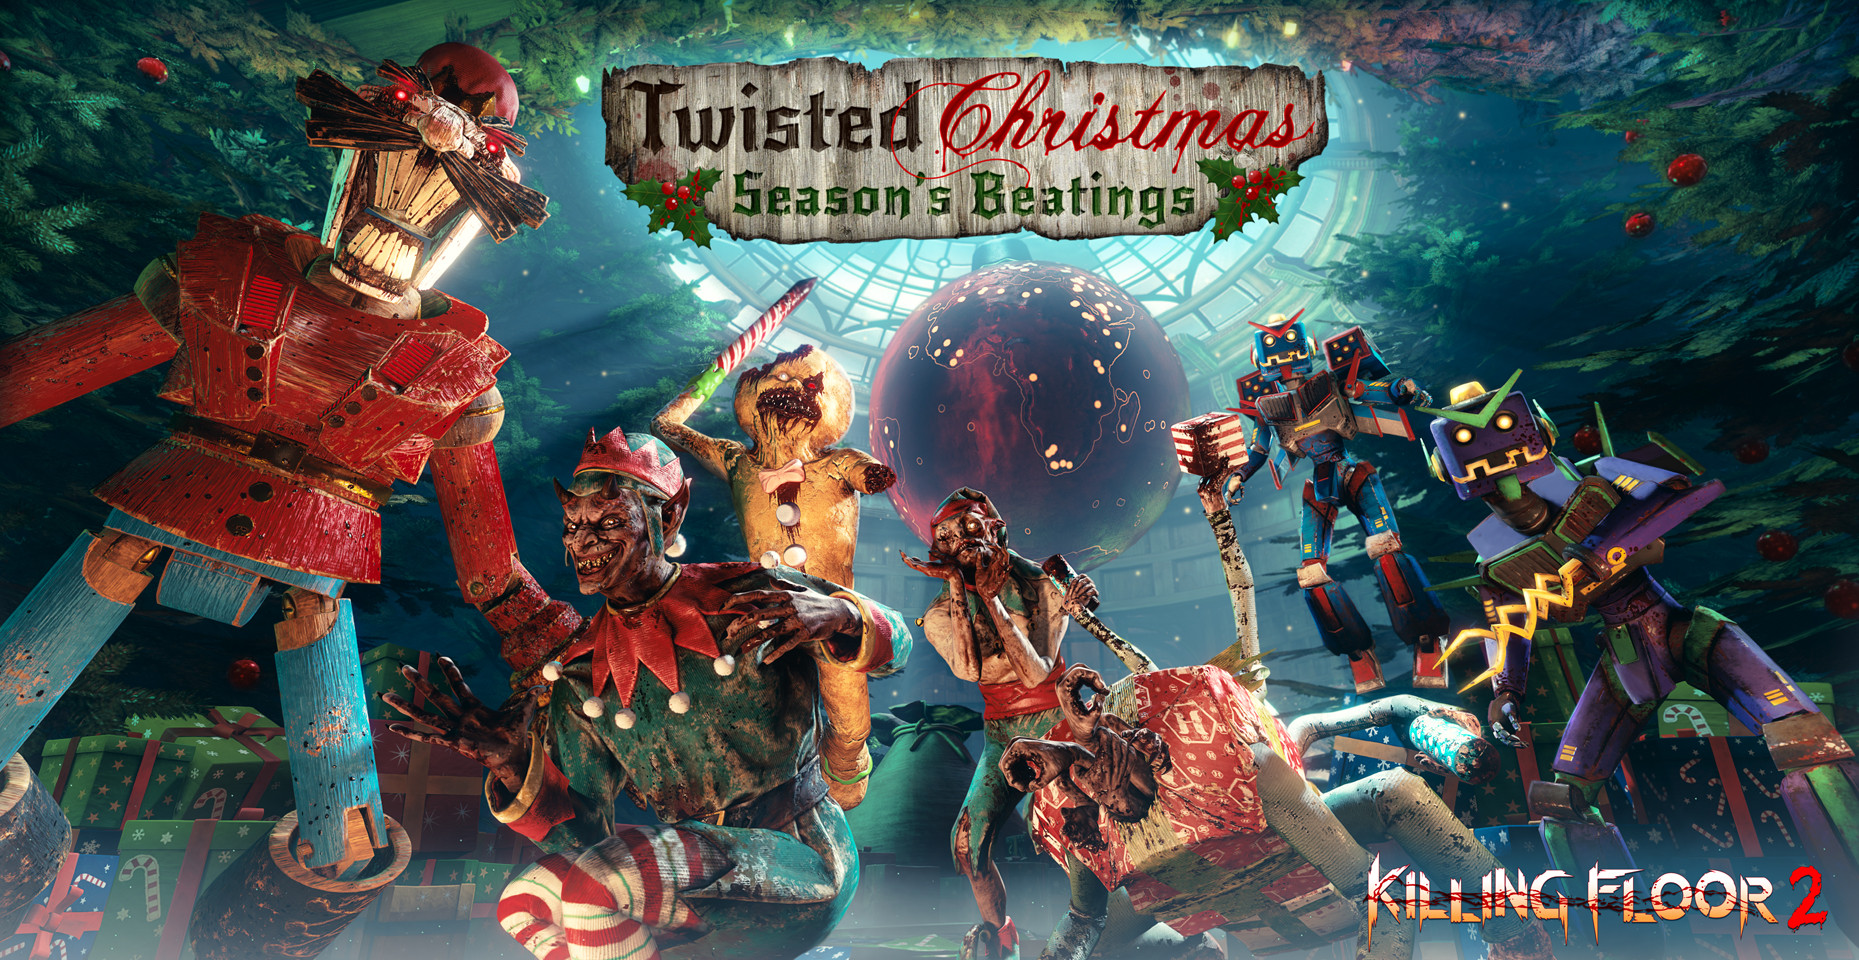 Killing Floor 2 Christmas 2019 Luxury Killing Floor 2 Twisted Christmas Season S Beatings